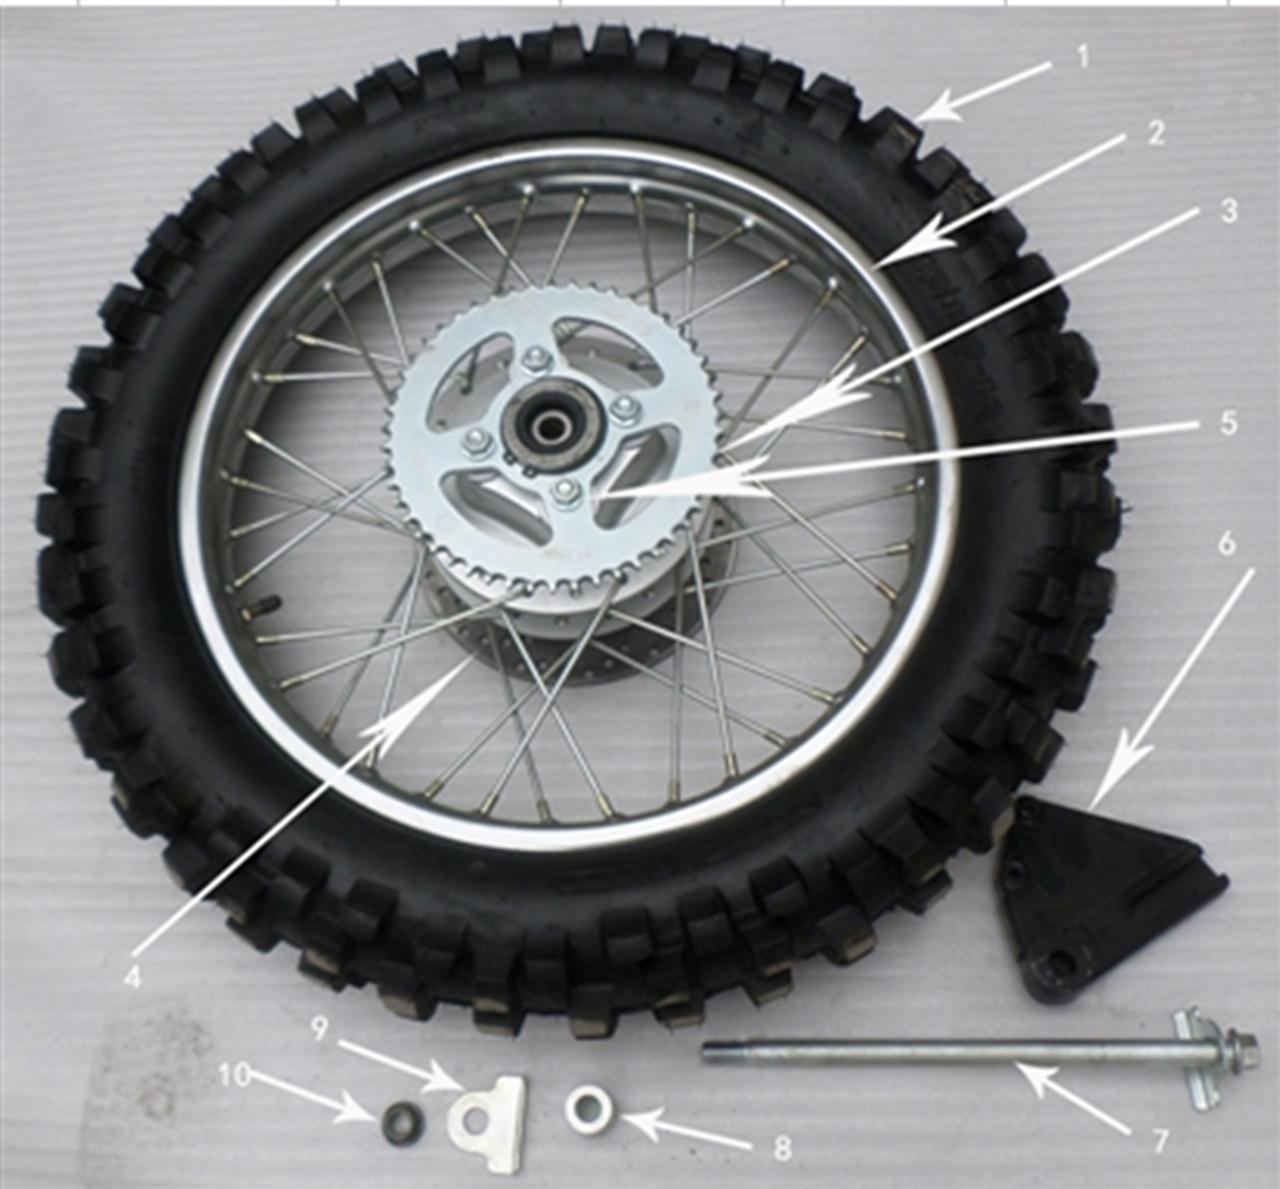 Hawk 250 Rear tire